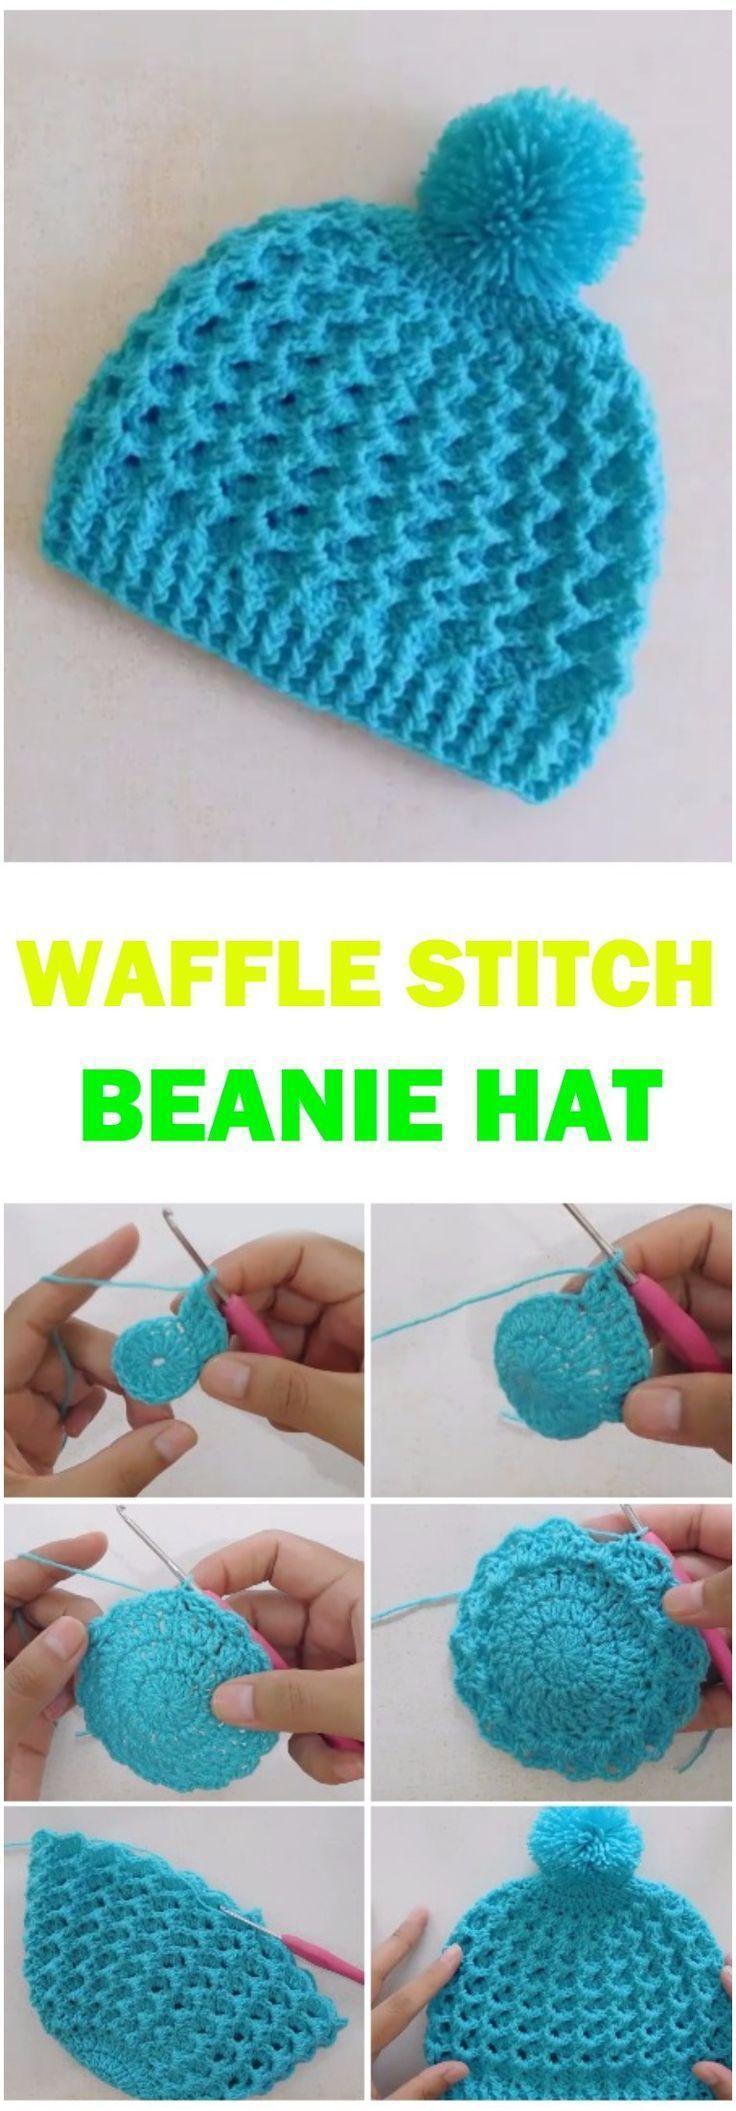 Waffle Stitch Beanie Hat Tutorial | Mütze, Häkeln und Handarbeiten